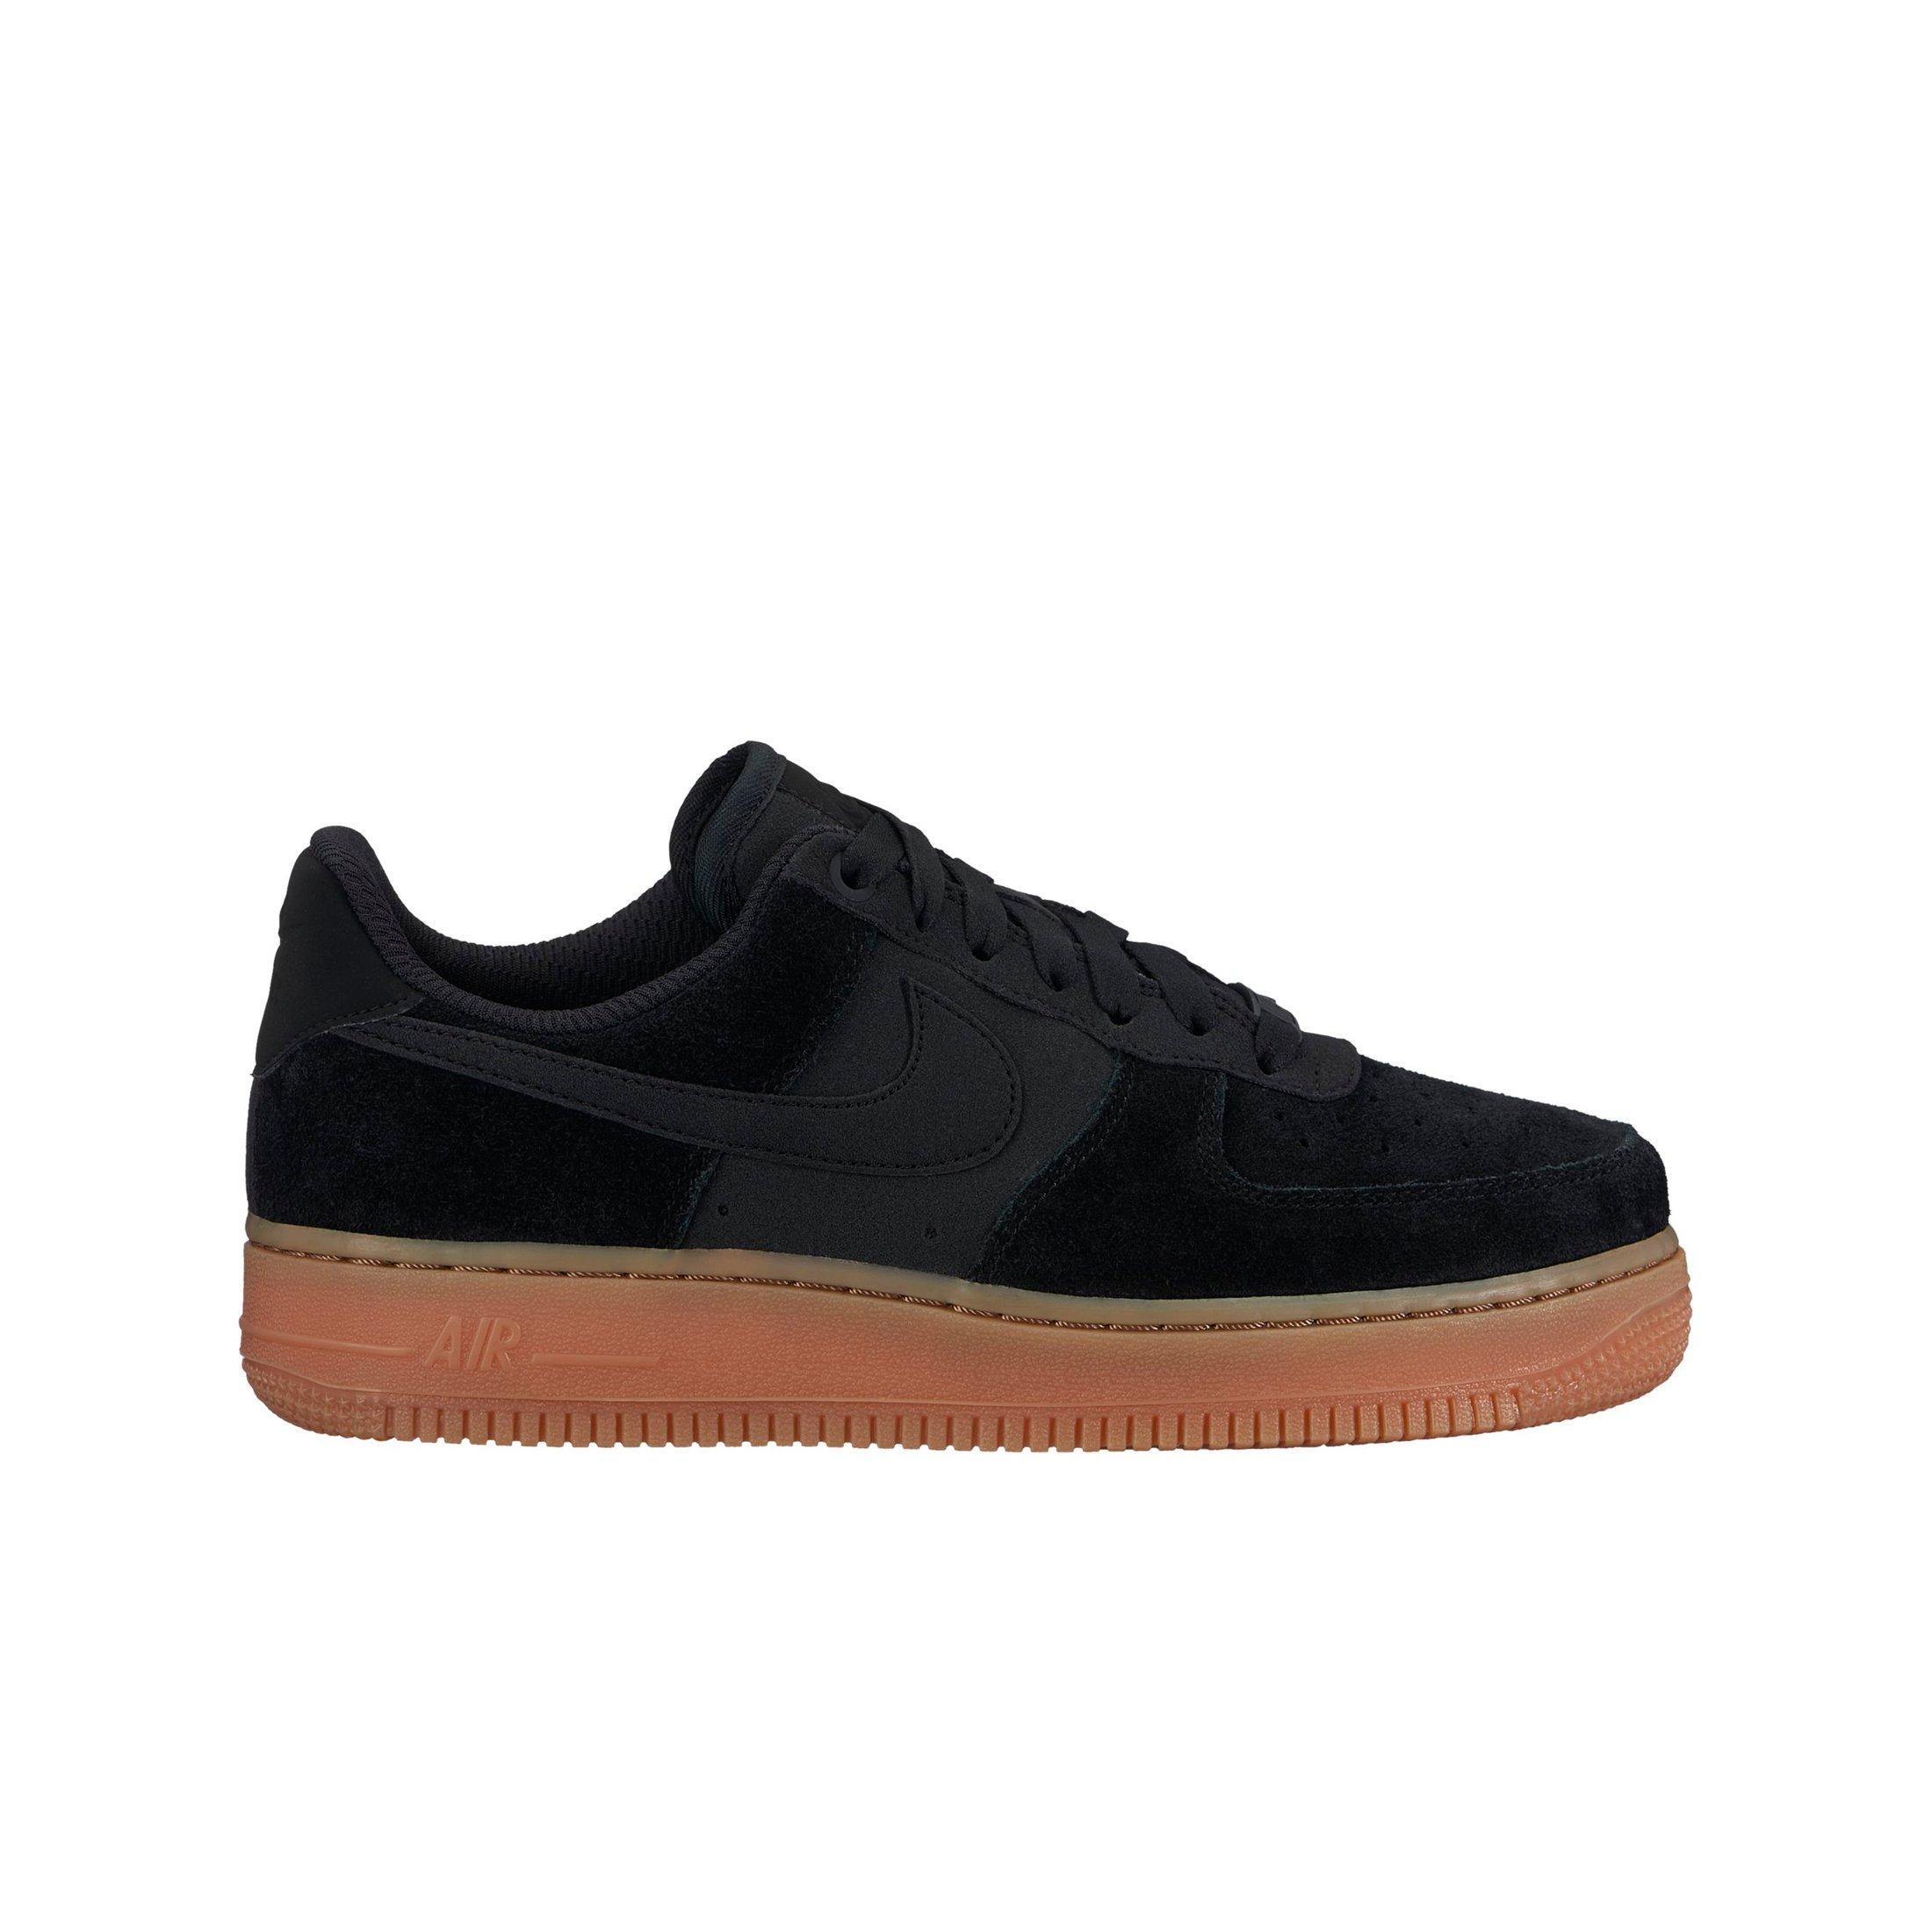 Nike Air Force 1 07 Se Femmes Noir / Gomme Chaussure De Basket-ball réduction 2015 à la mode Orange 100% Original explorer sortie achat Sw082ggiX